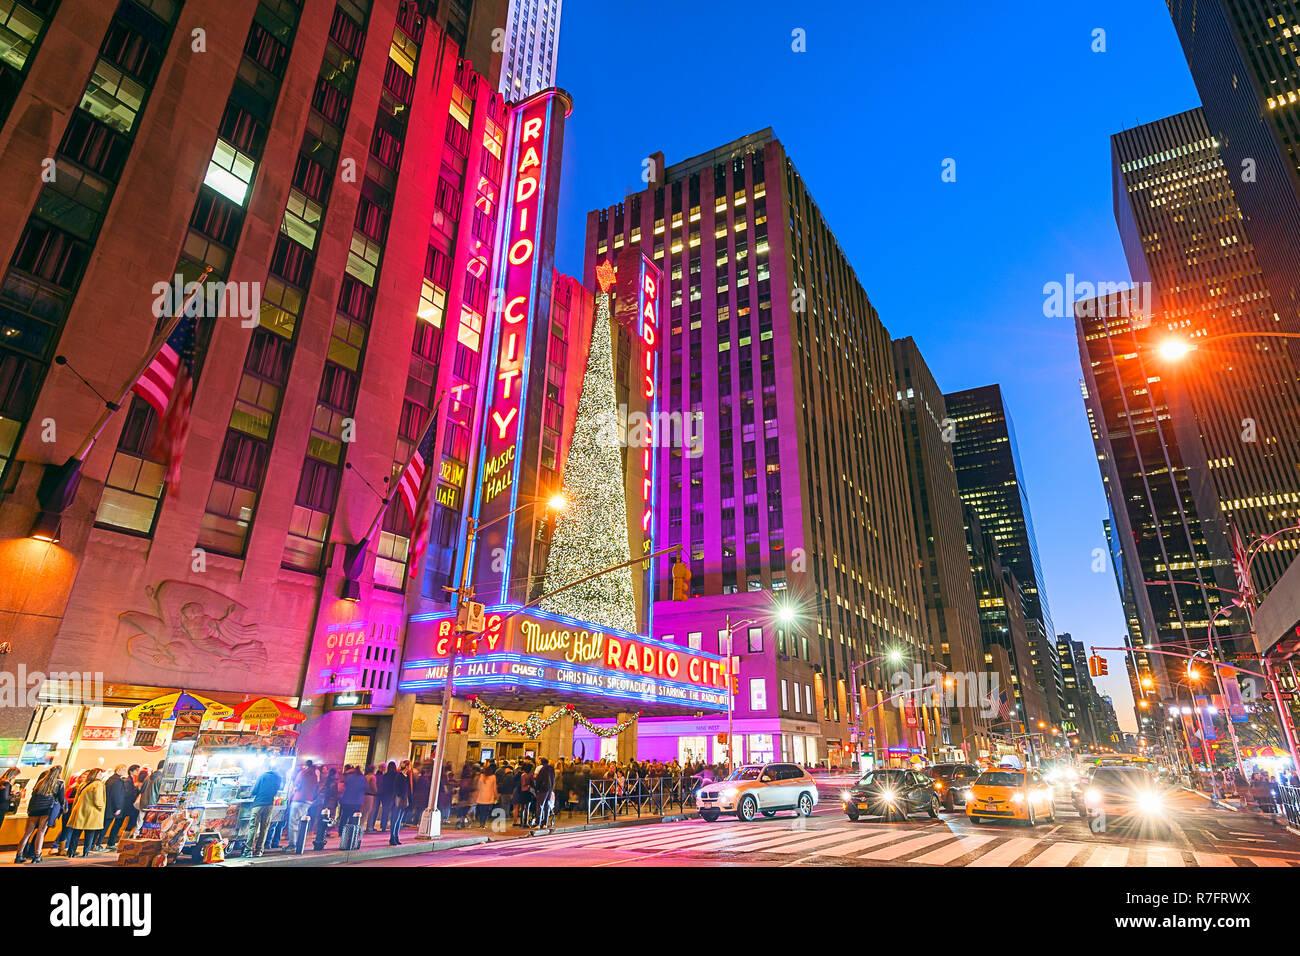 Die Radio City Music Hall Weihnachtszeit Rockefeller Center Avenue of the Americas New York City Stockbild